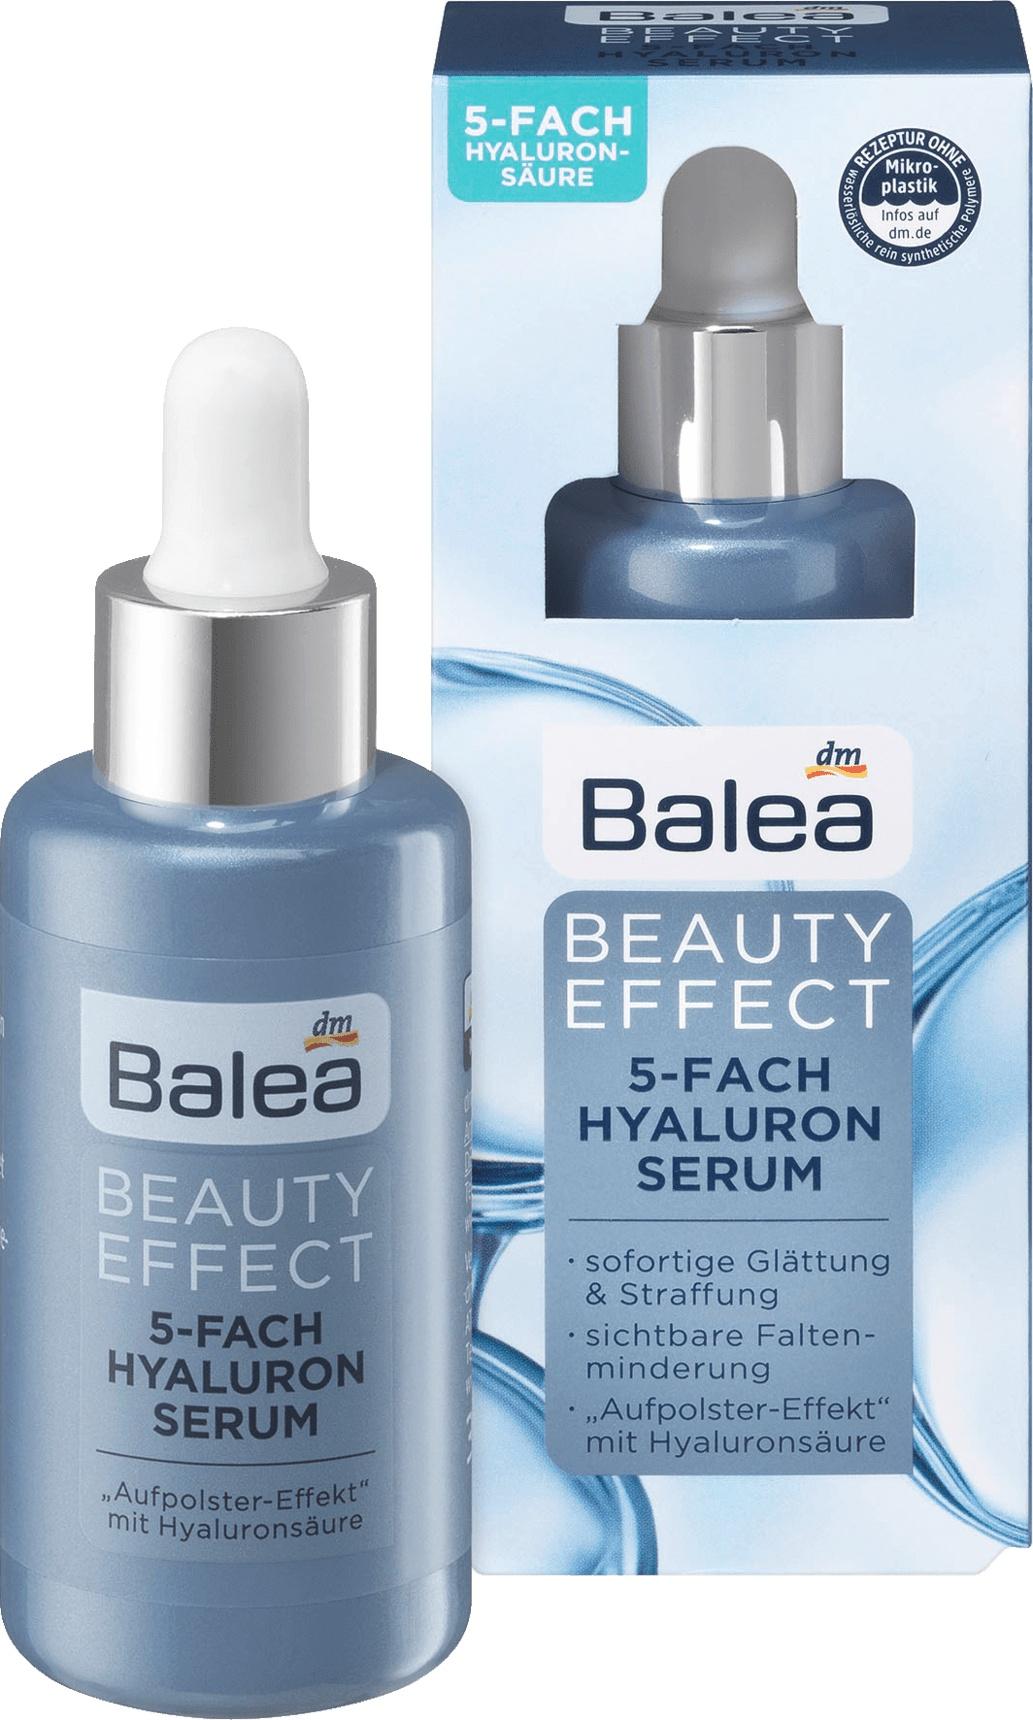 Balea Beauty Effect 5-Fach Hyaluron Serum